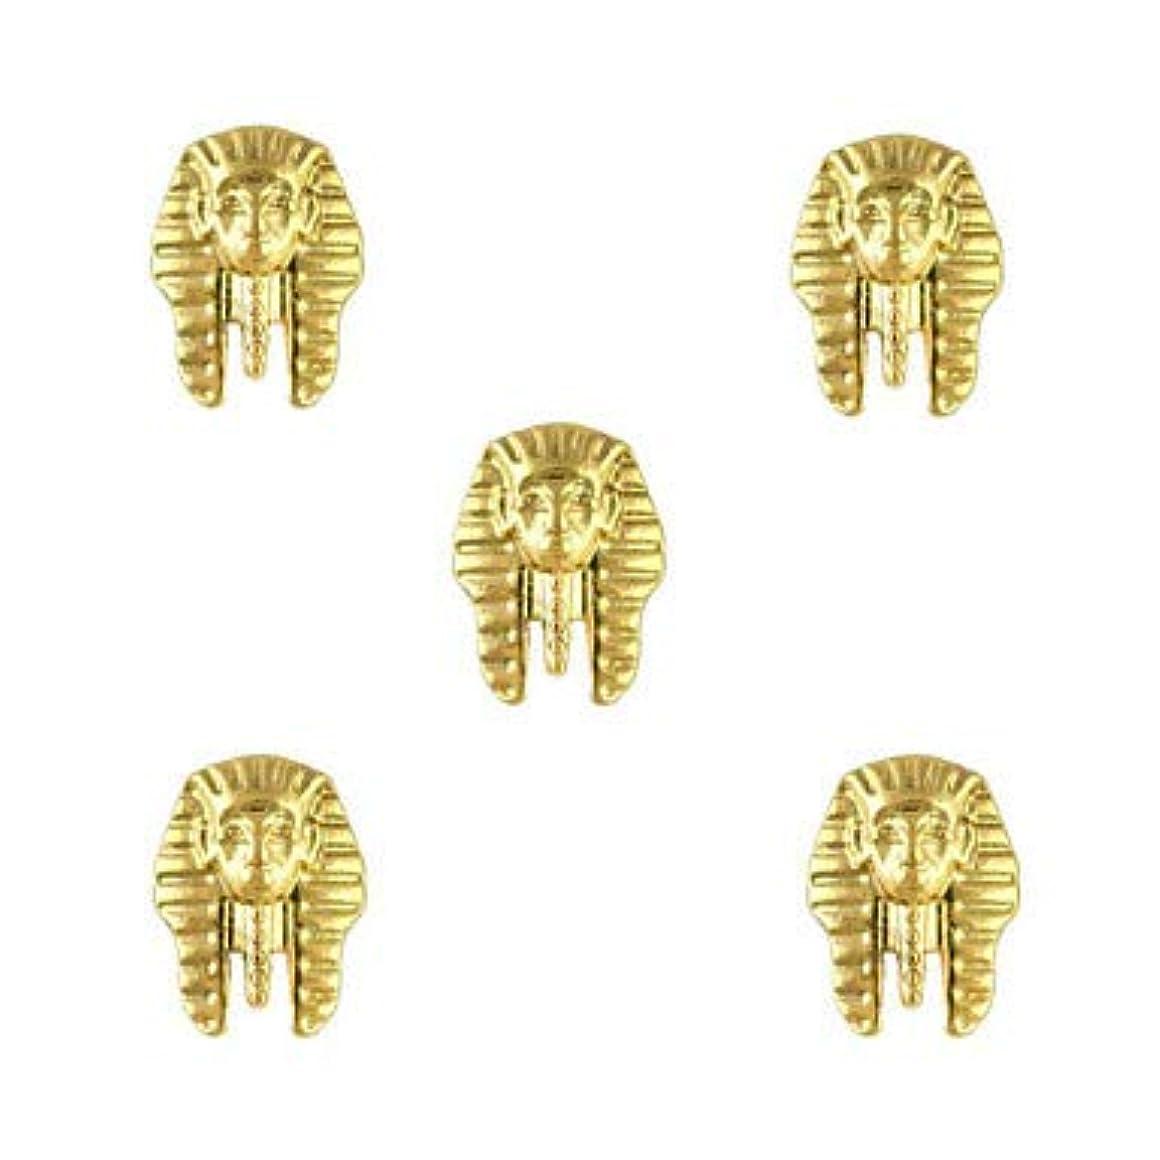 消費マーカー叫び声指のつま先のための金属のエジプトパターンのマニキュアの宝石類の宝石類